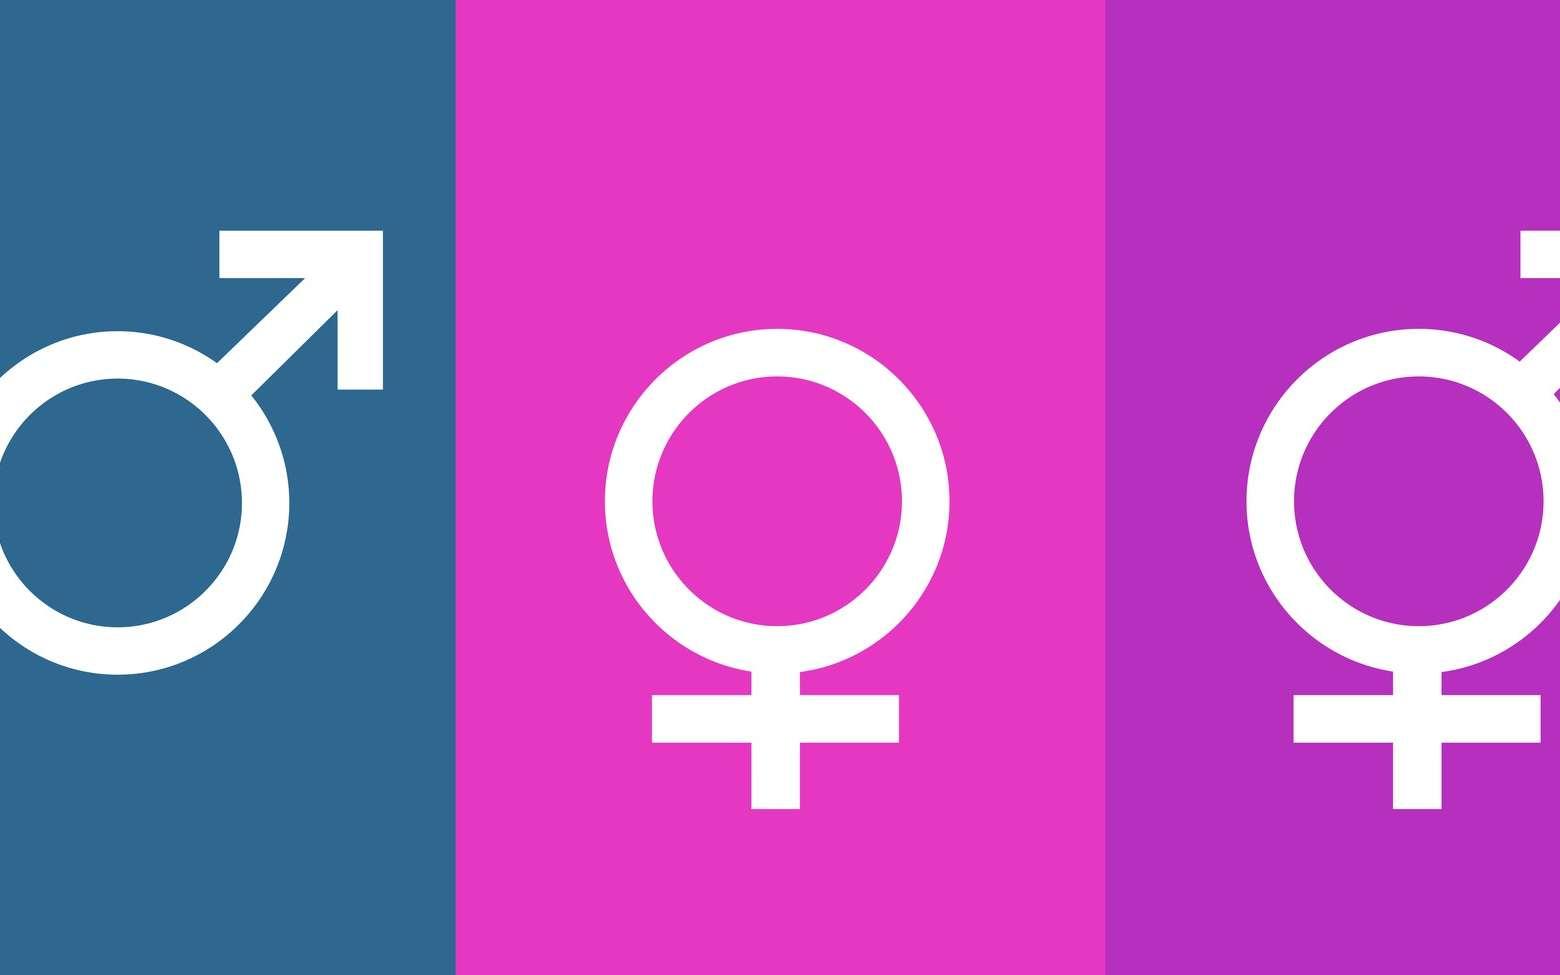 Les chromosomes sexuels déterminent le sexe de l'individu. © Stockwerk-Fotodesign, Fotolia